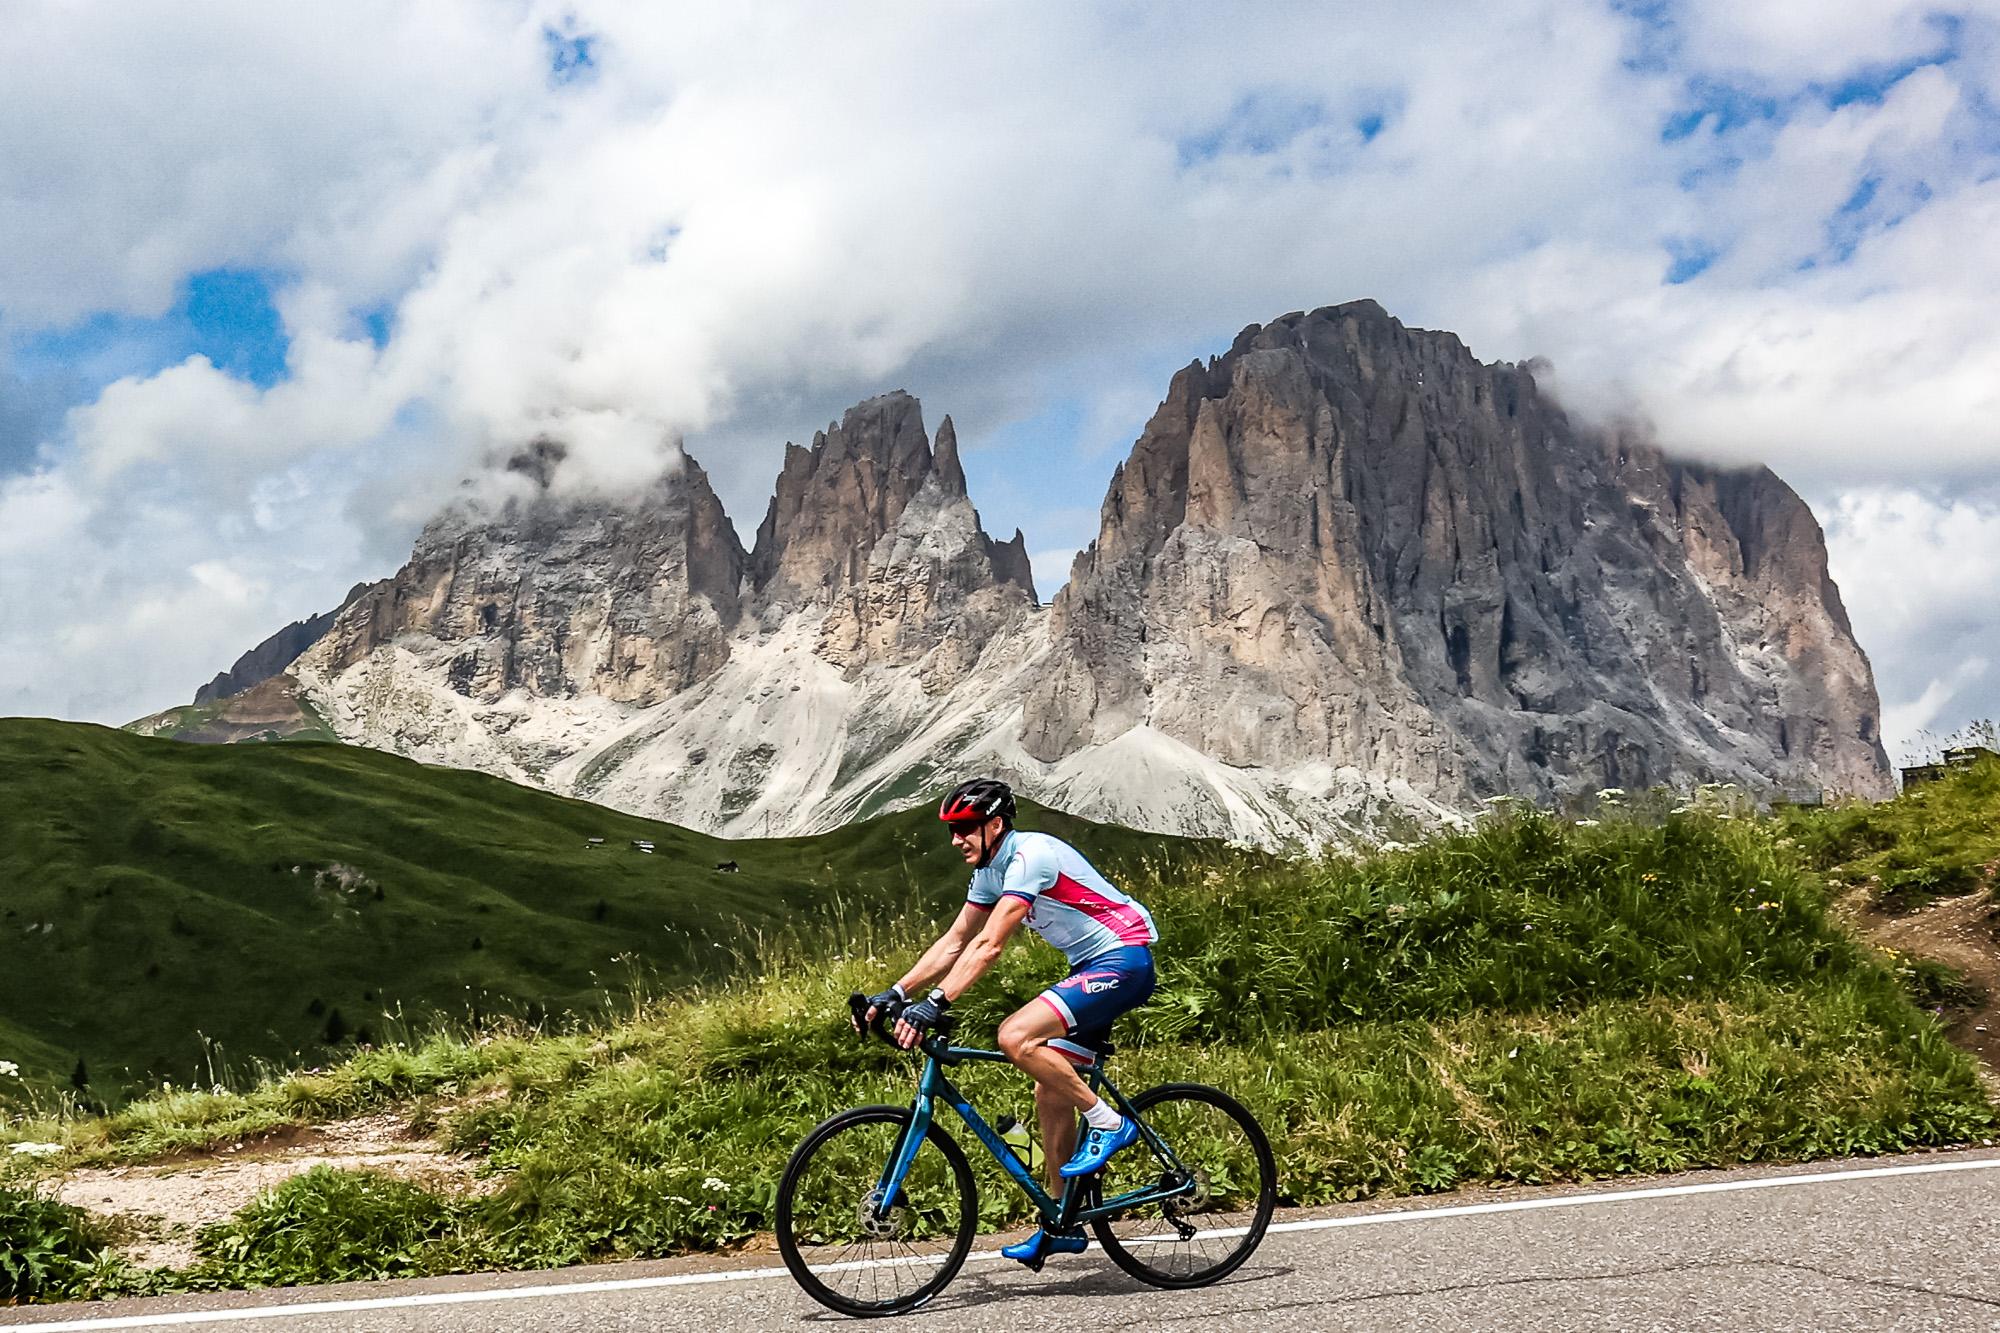 Extremsportler Guido Kunze fährt mit seinem Rennrad auf einem Pass der Sella Ronda